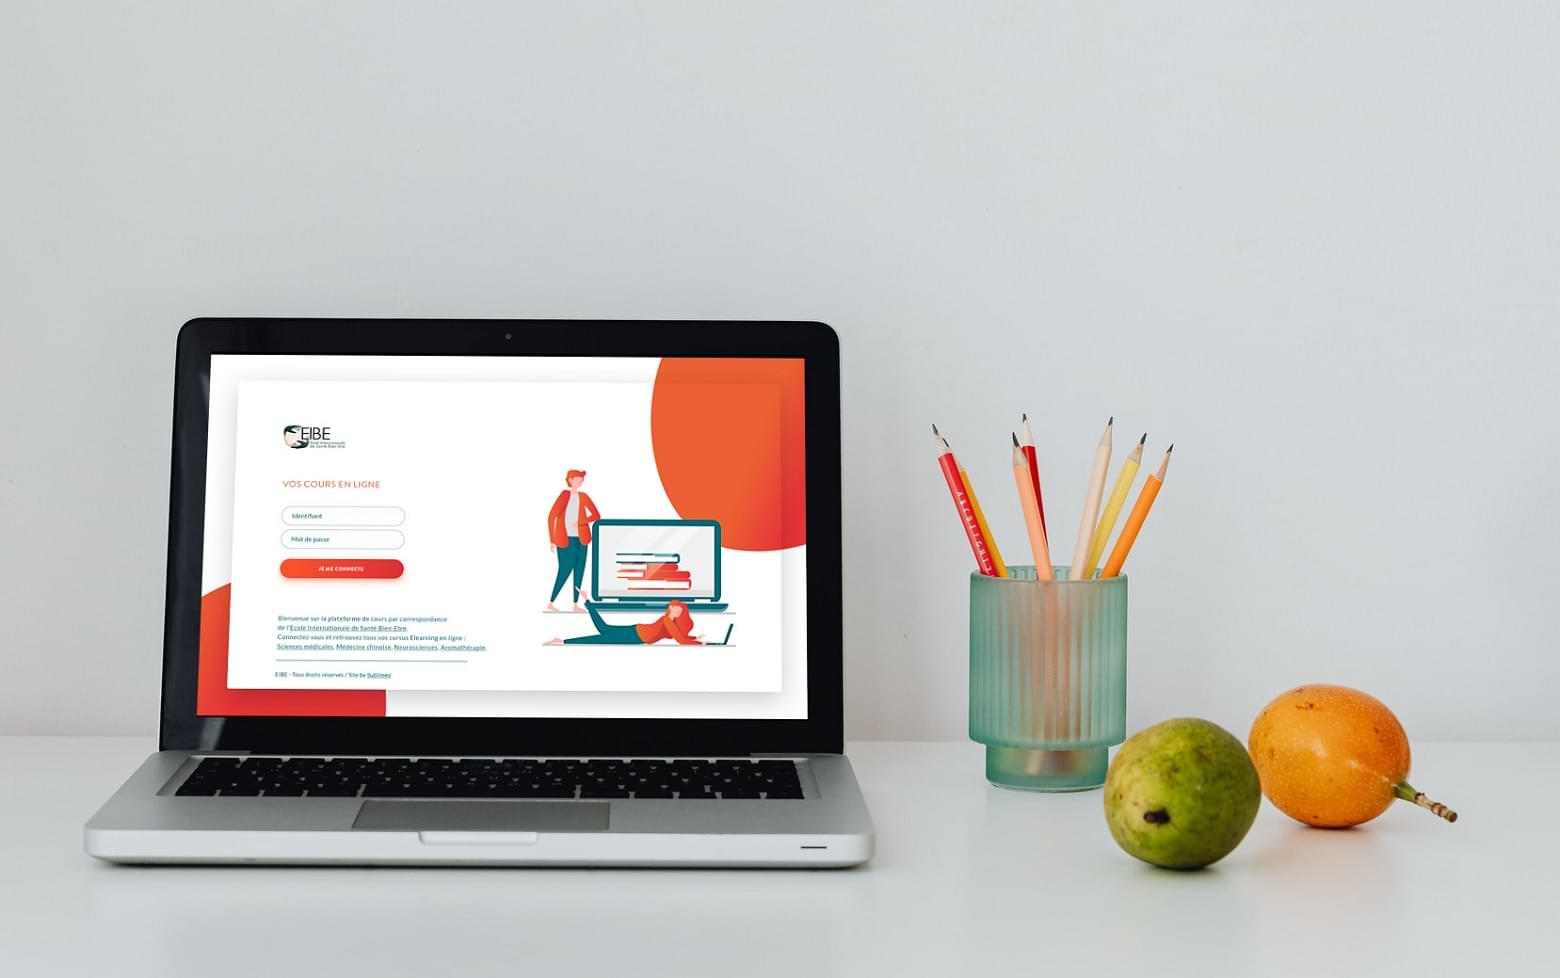 Design & développement d'un site elearning + logiciel + application + plateforme LMS (Learning Management System) - Santé, médical, bien-être.